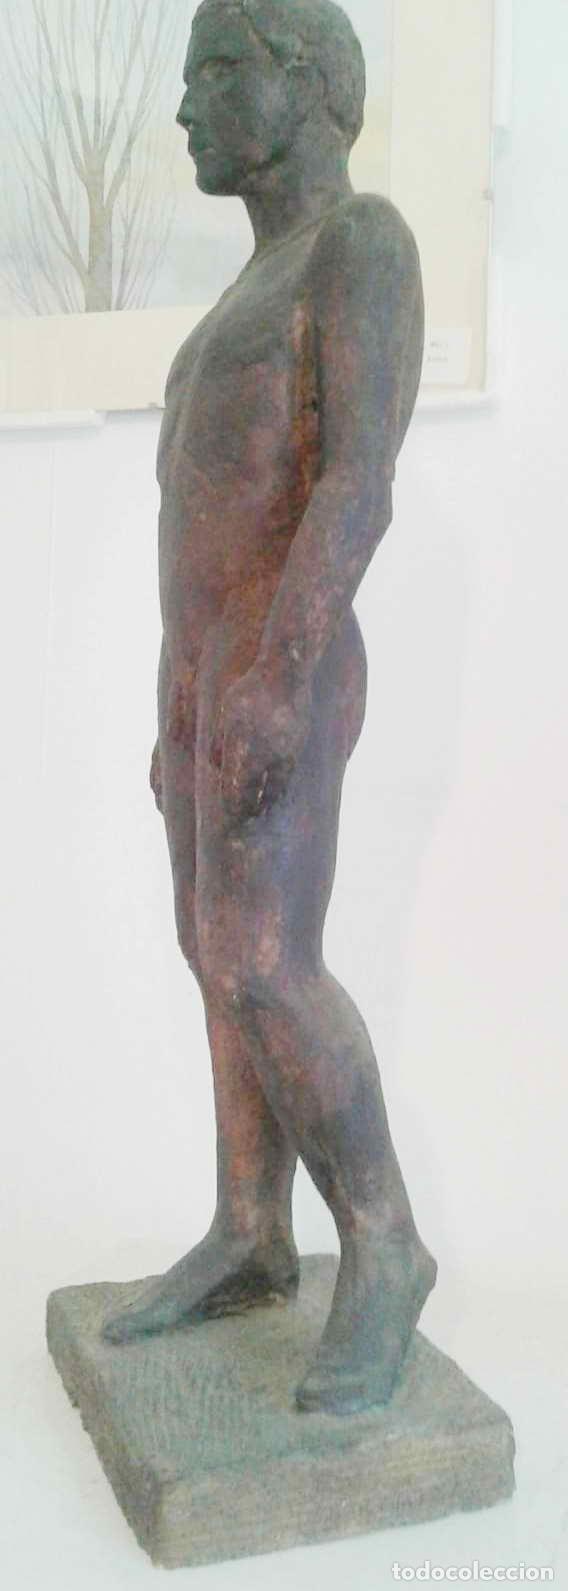 Arte: Magnifica figura masculina en material refractario policromado: El joven Marc. Mitad del siglo 20 - Foto 7 - 194333229